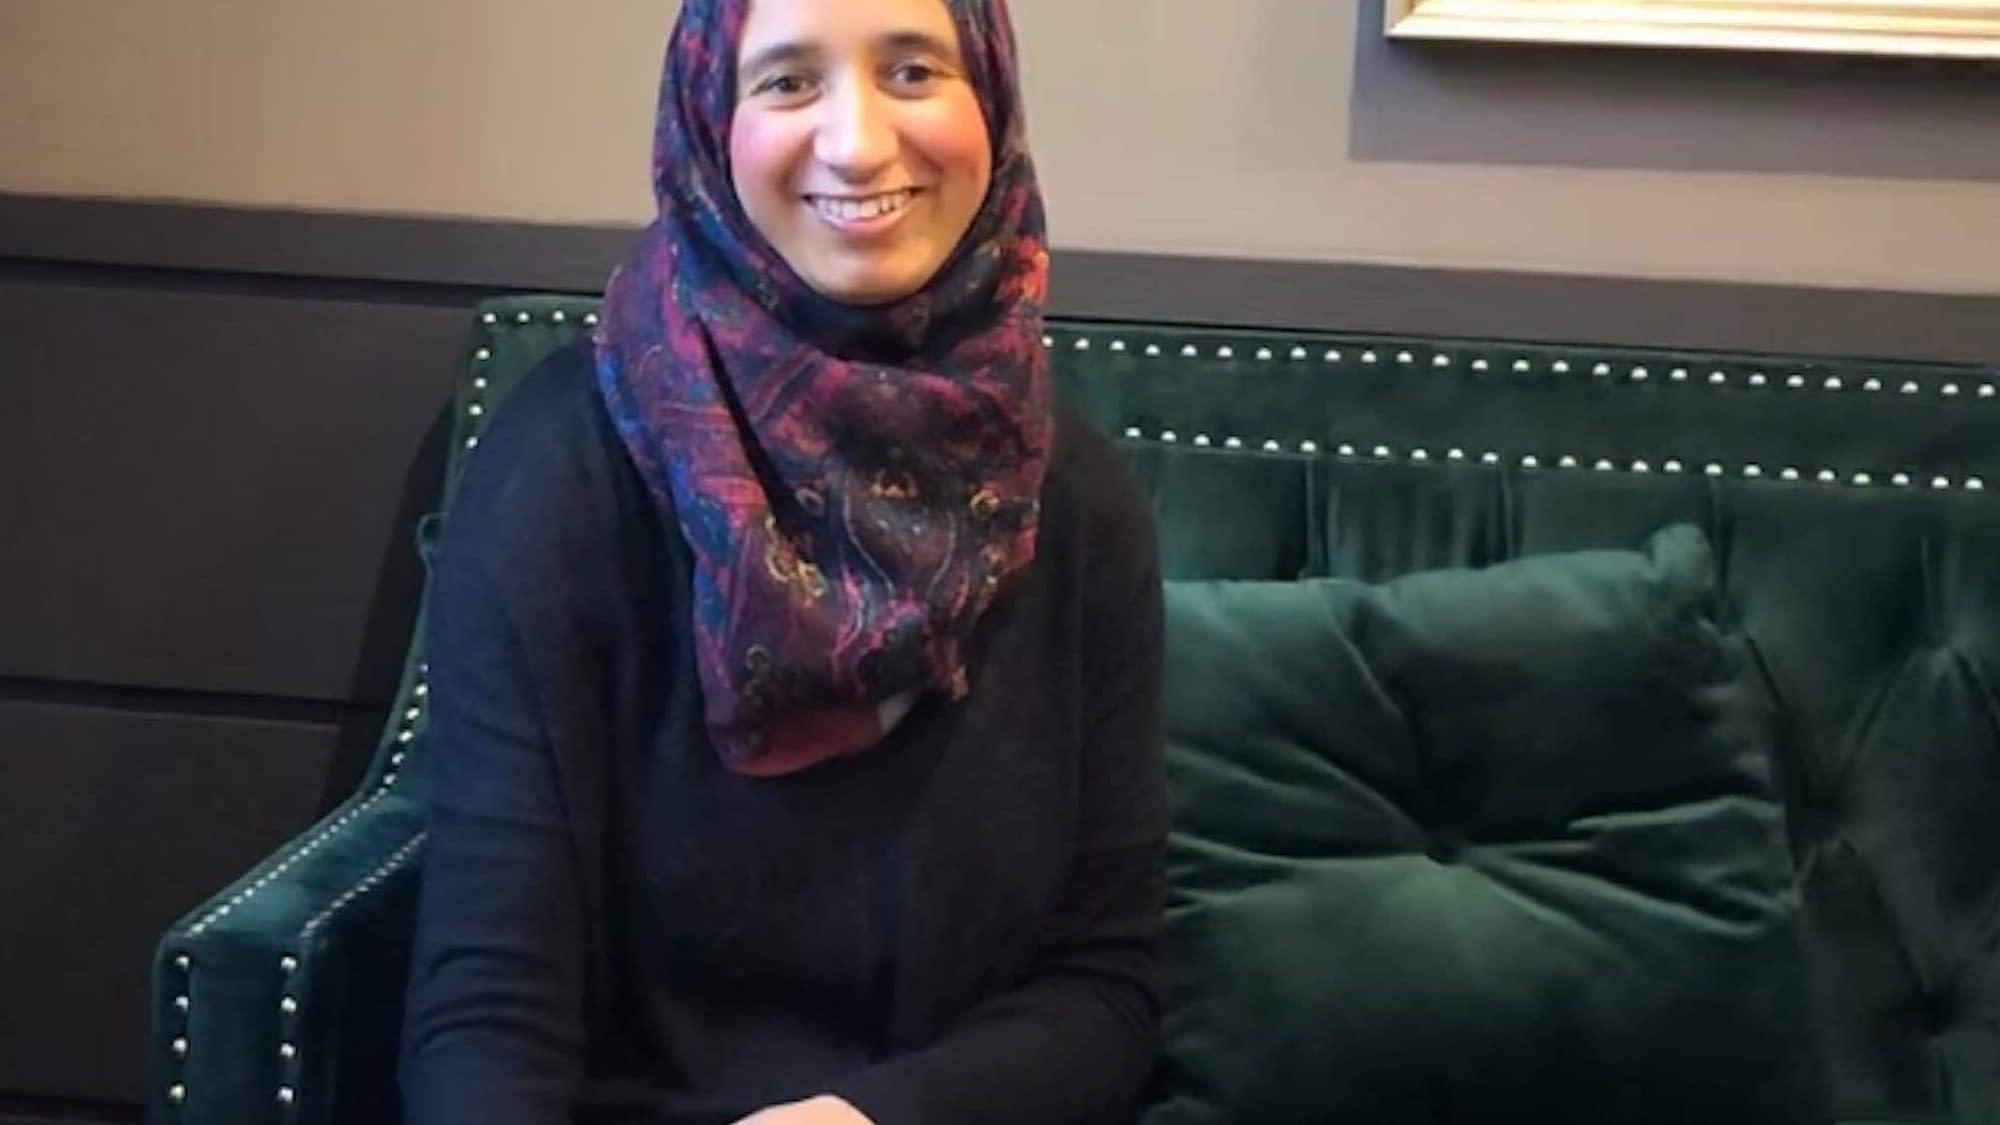 Sooad Patel